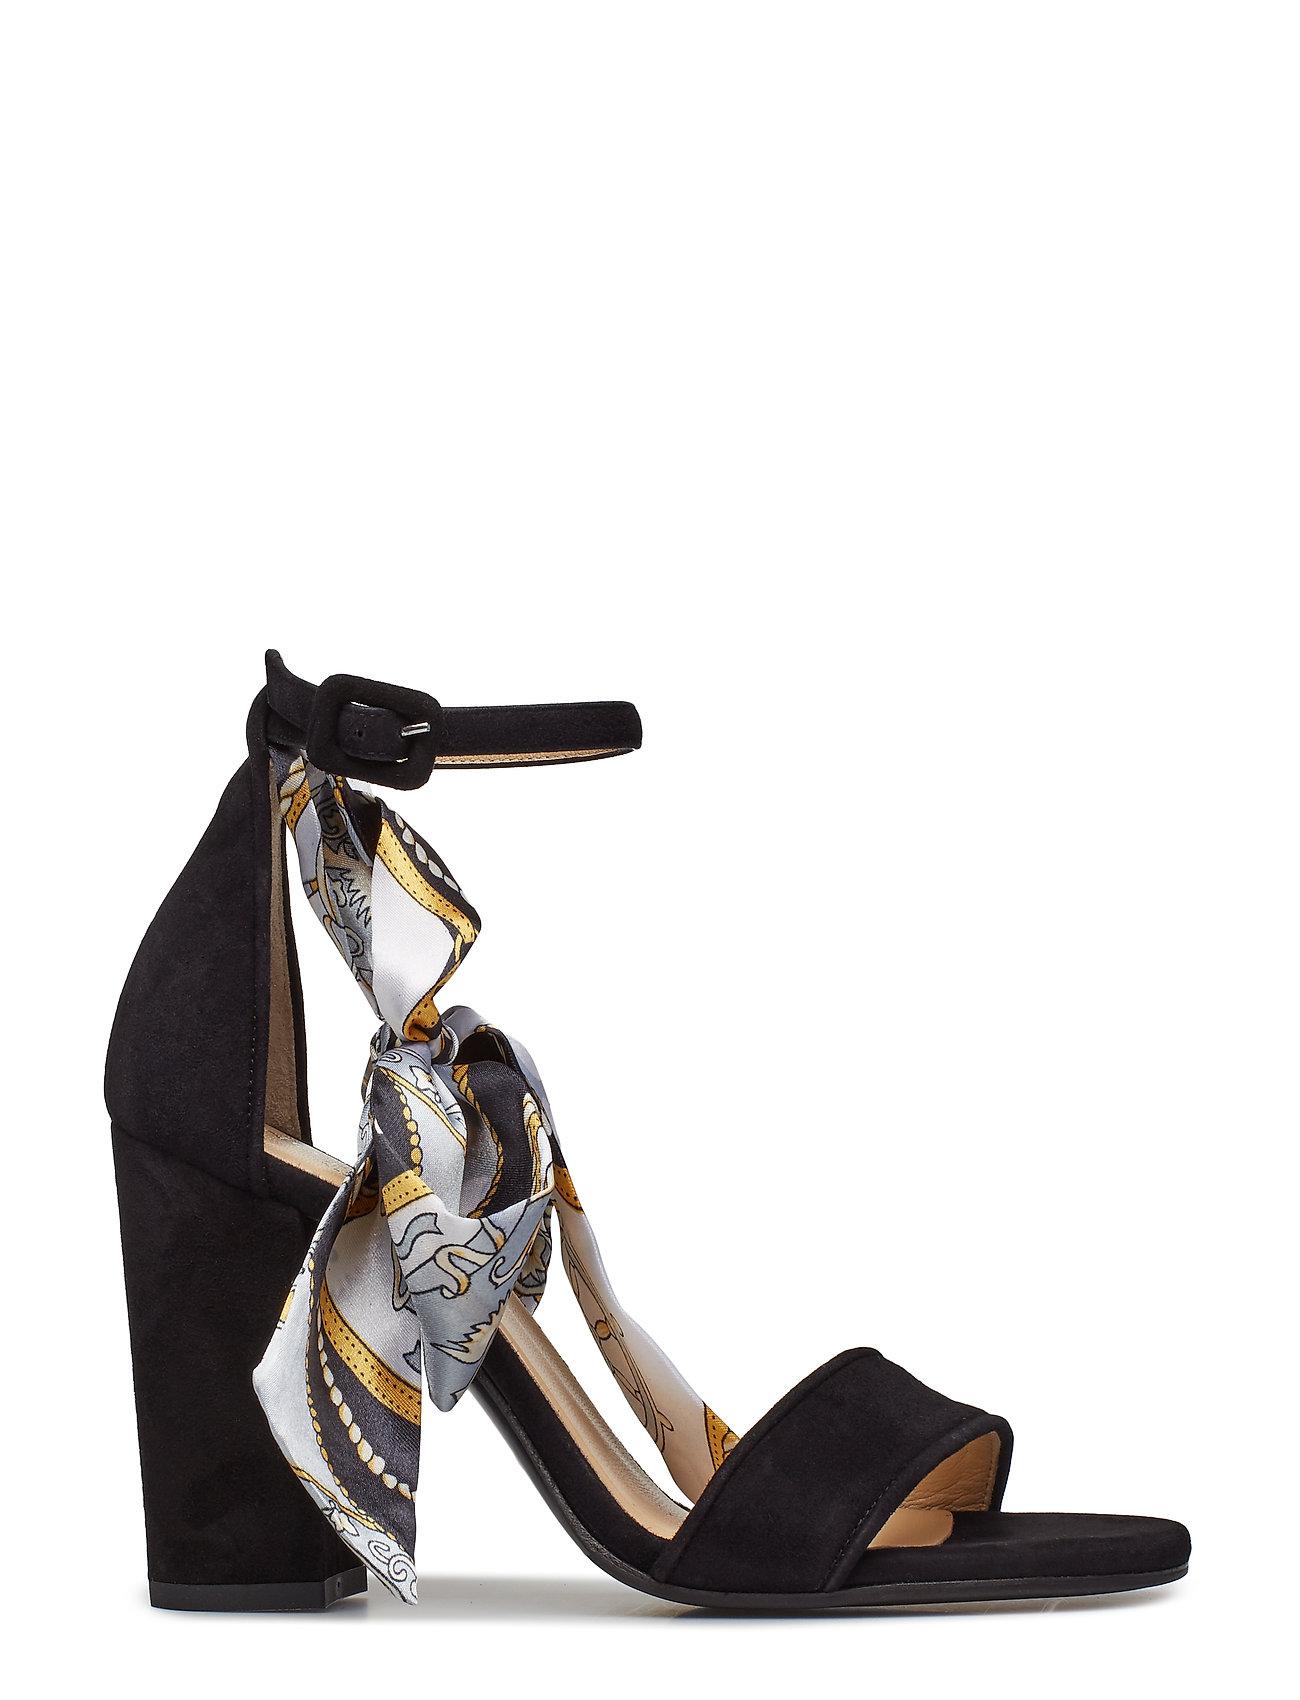 1498b4de355 BLACK SUEDE NOTABENE Akira højhælede sandaler for dame - Pashion.dk